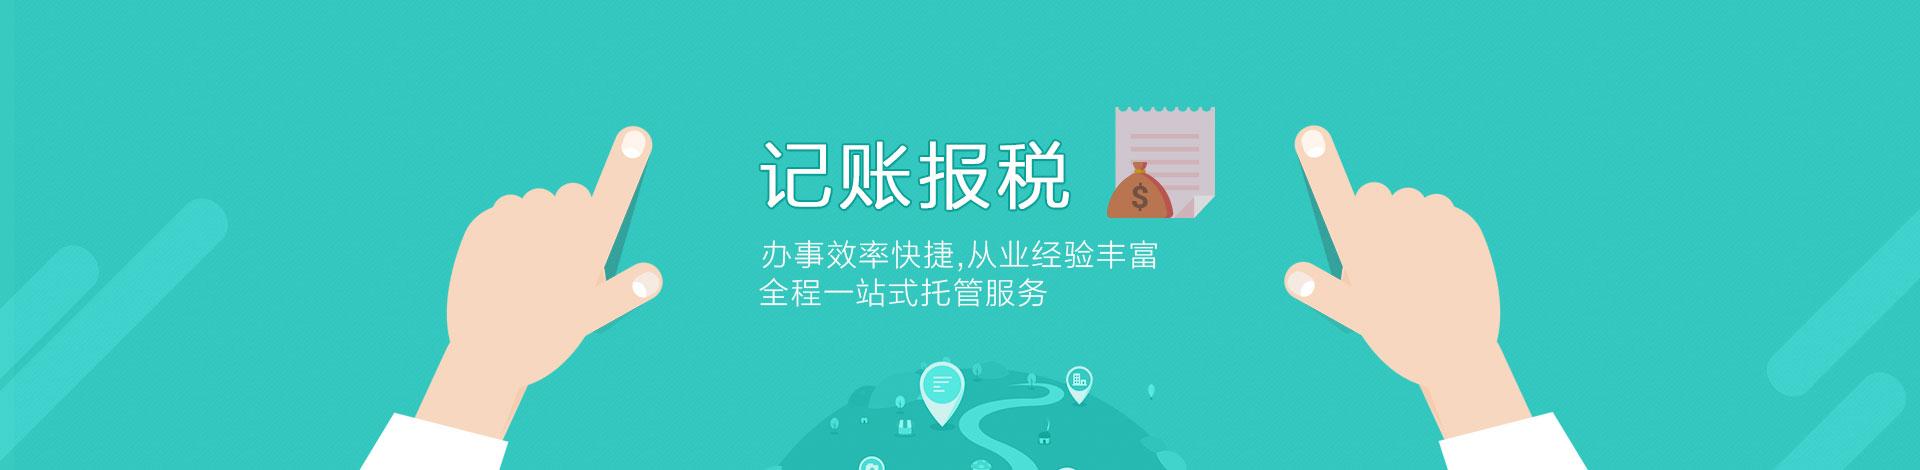 天津代理记账|武清记账报税|天津注册公司|武清公司注册 _米多乐...